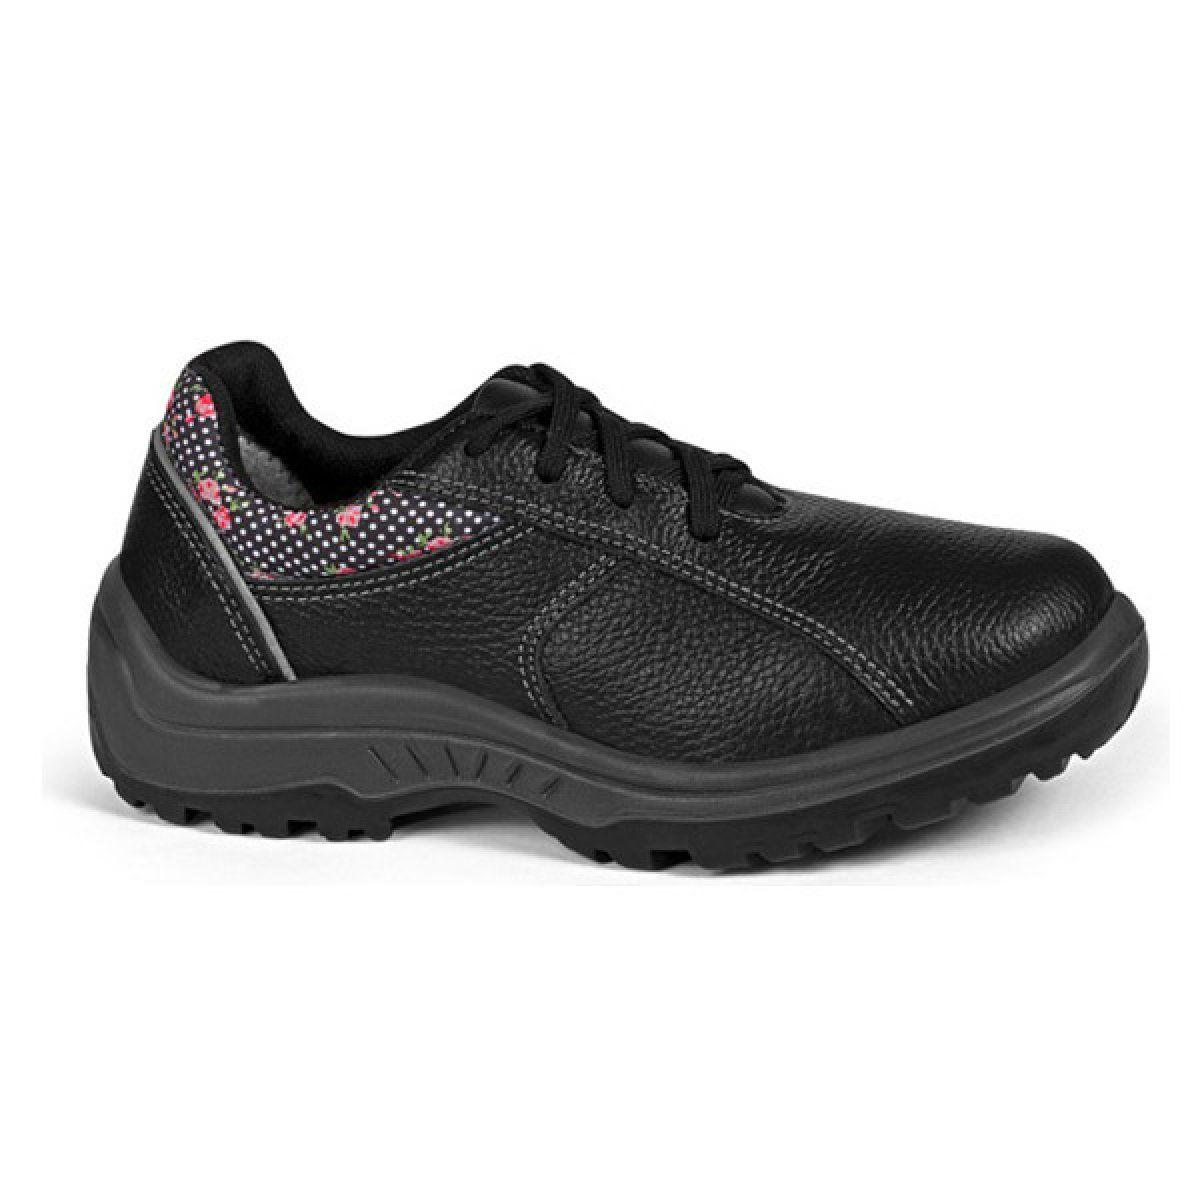 Sapato Feminino c/ Cadarço Bidensidade s/ Bico de Aço Preto N°37 - BRACOL